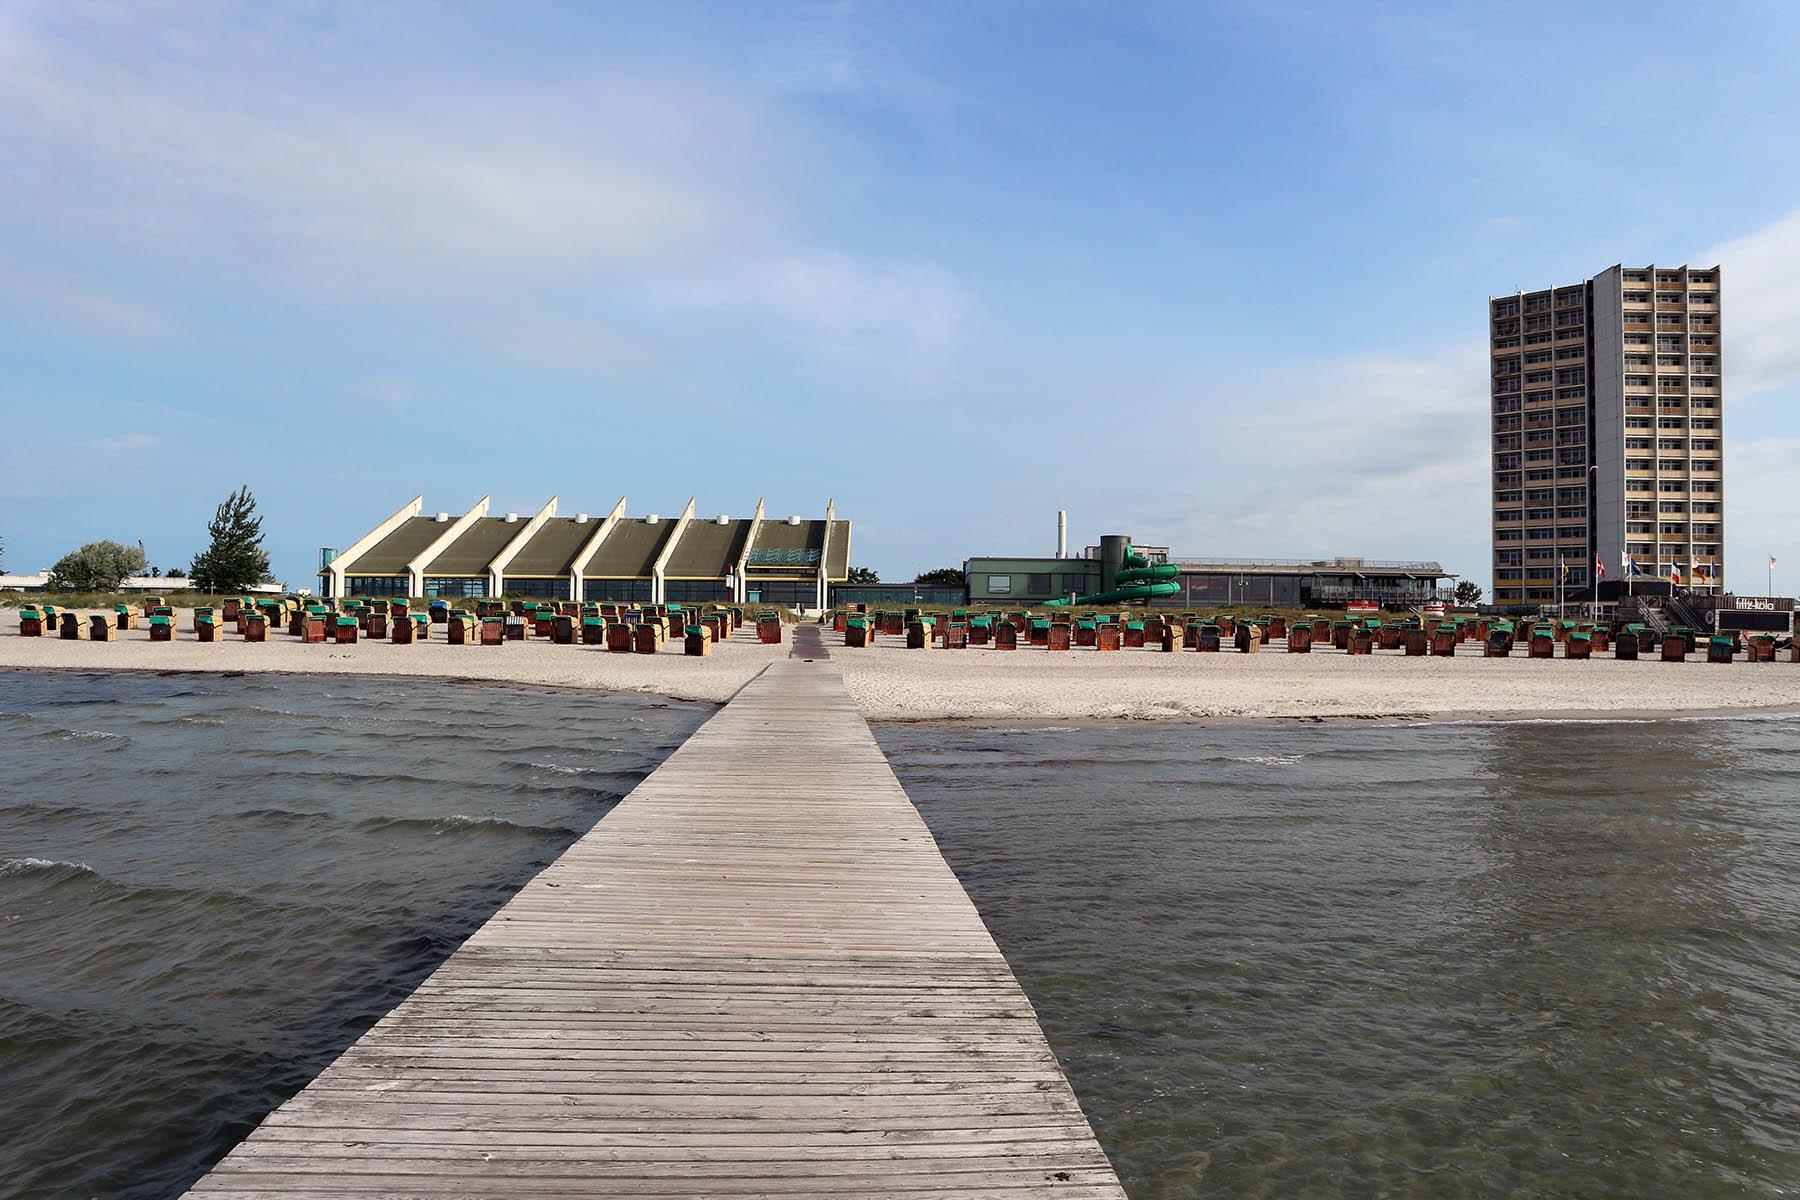 Der Südstrand. mit dem feinsandigen Sandstrand ist knapp 1,7 km lang und bis zu 150 m breit.